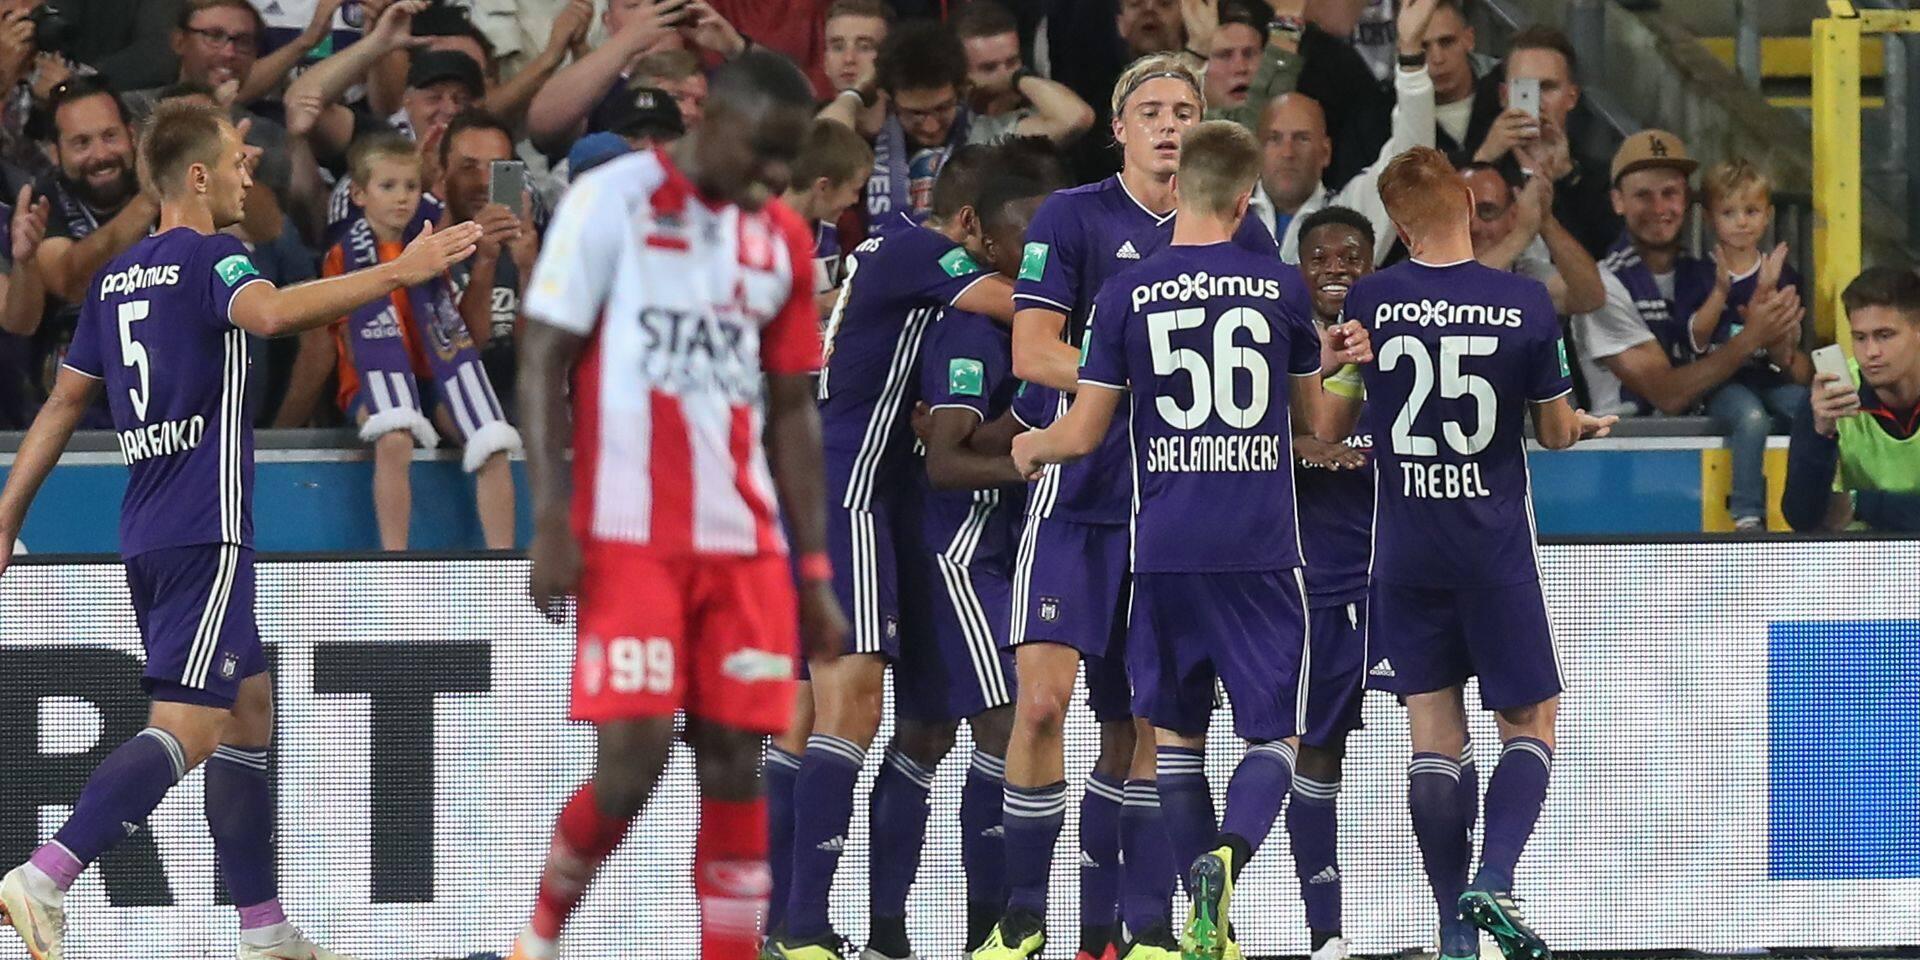 Dimata double la mise: Anderlecht - Mouscron 2-0 (DIRECT)